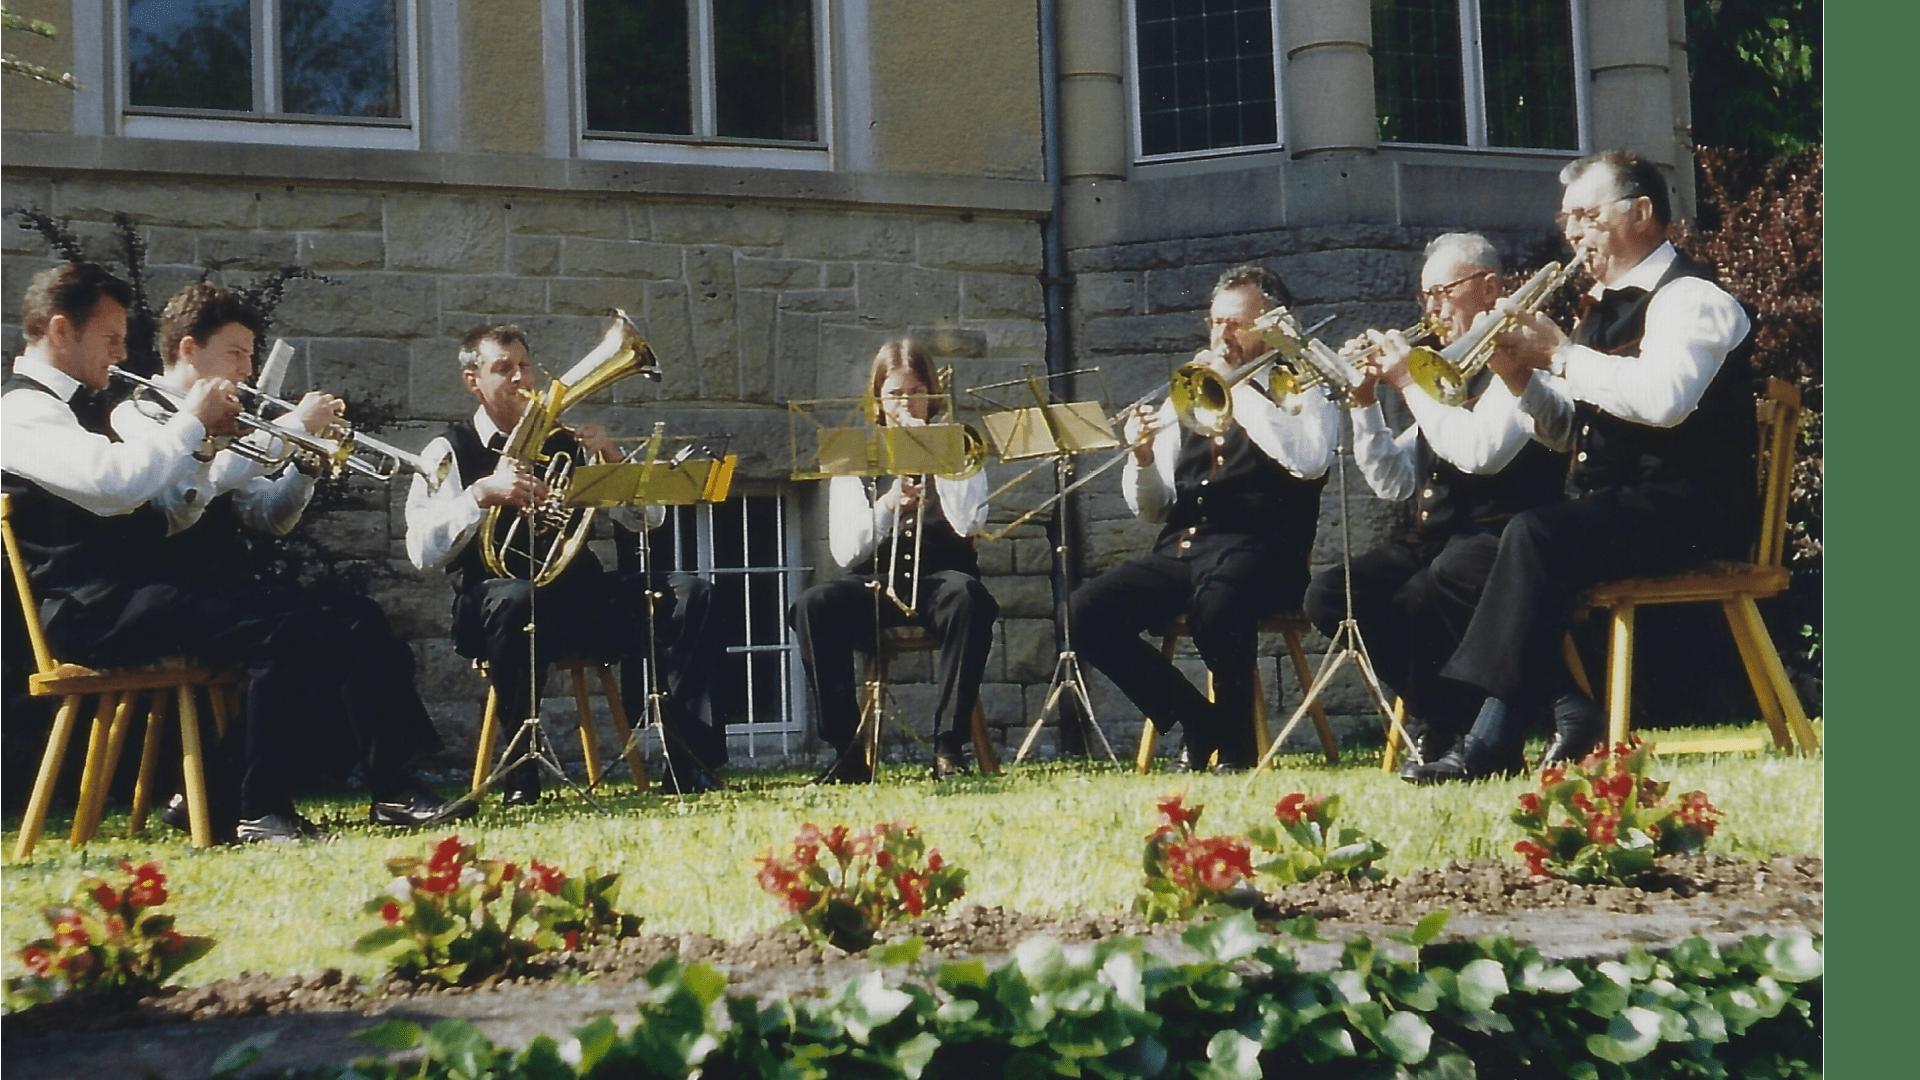 Wallfahrt 1995 - Blaskapelle Franz Haumann, Dießen a. See.  Foto: Archiv Arme Schulschwestern